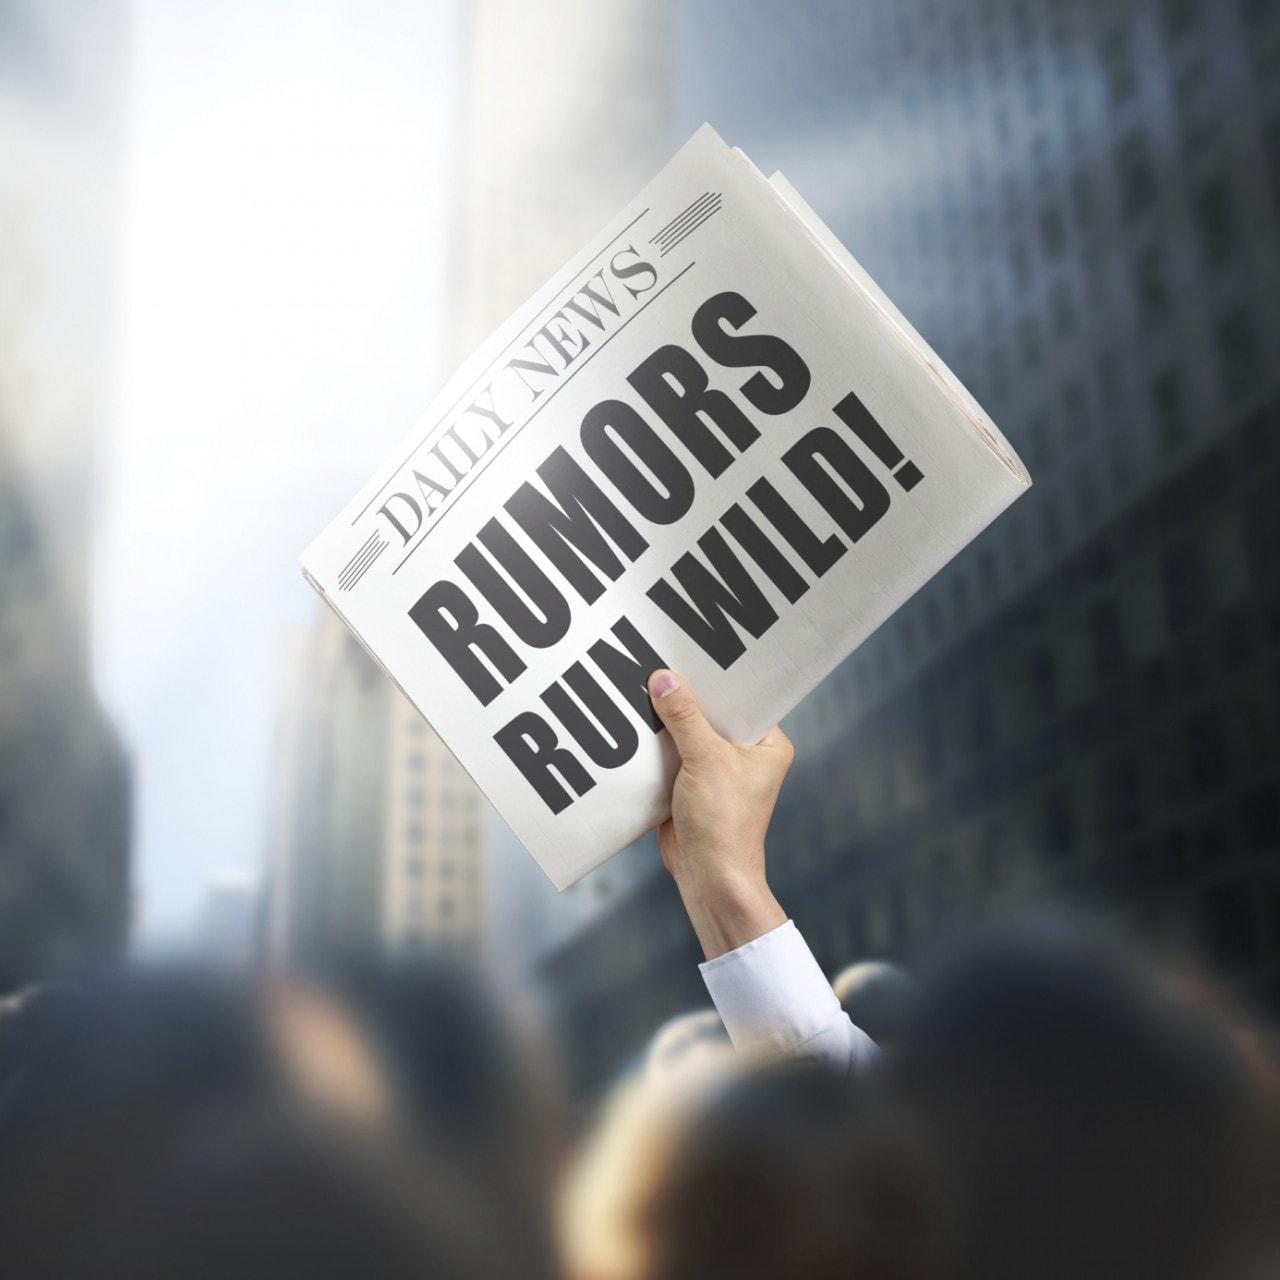 rumor final istock